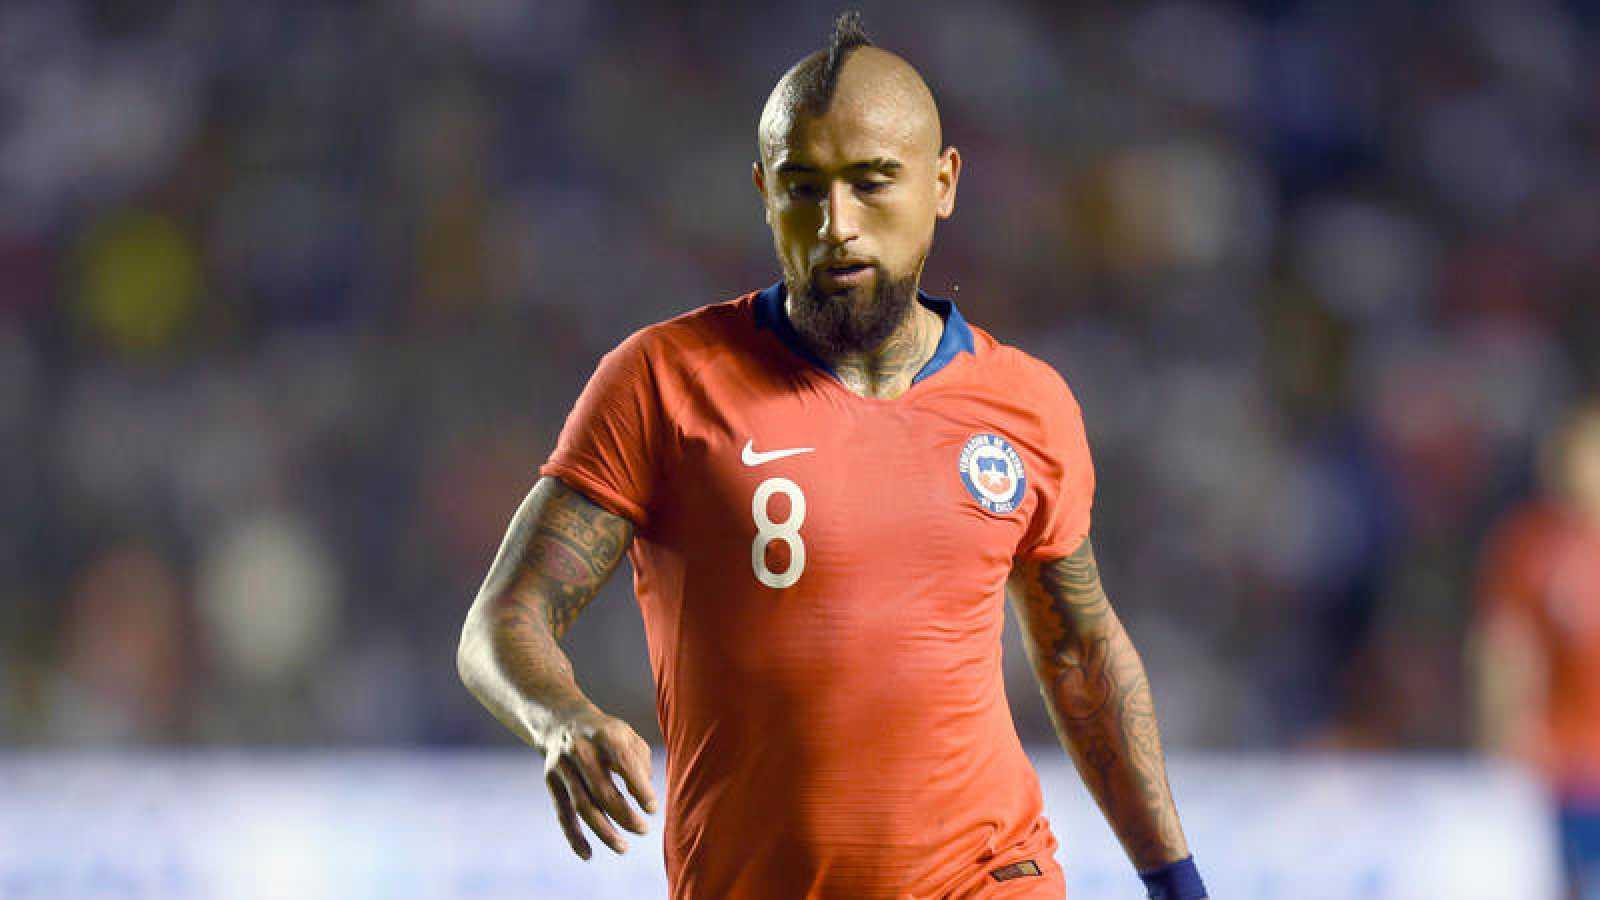 El chileno Arturo Vidal, en el partido de su selección contra México.